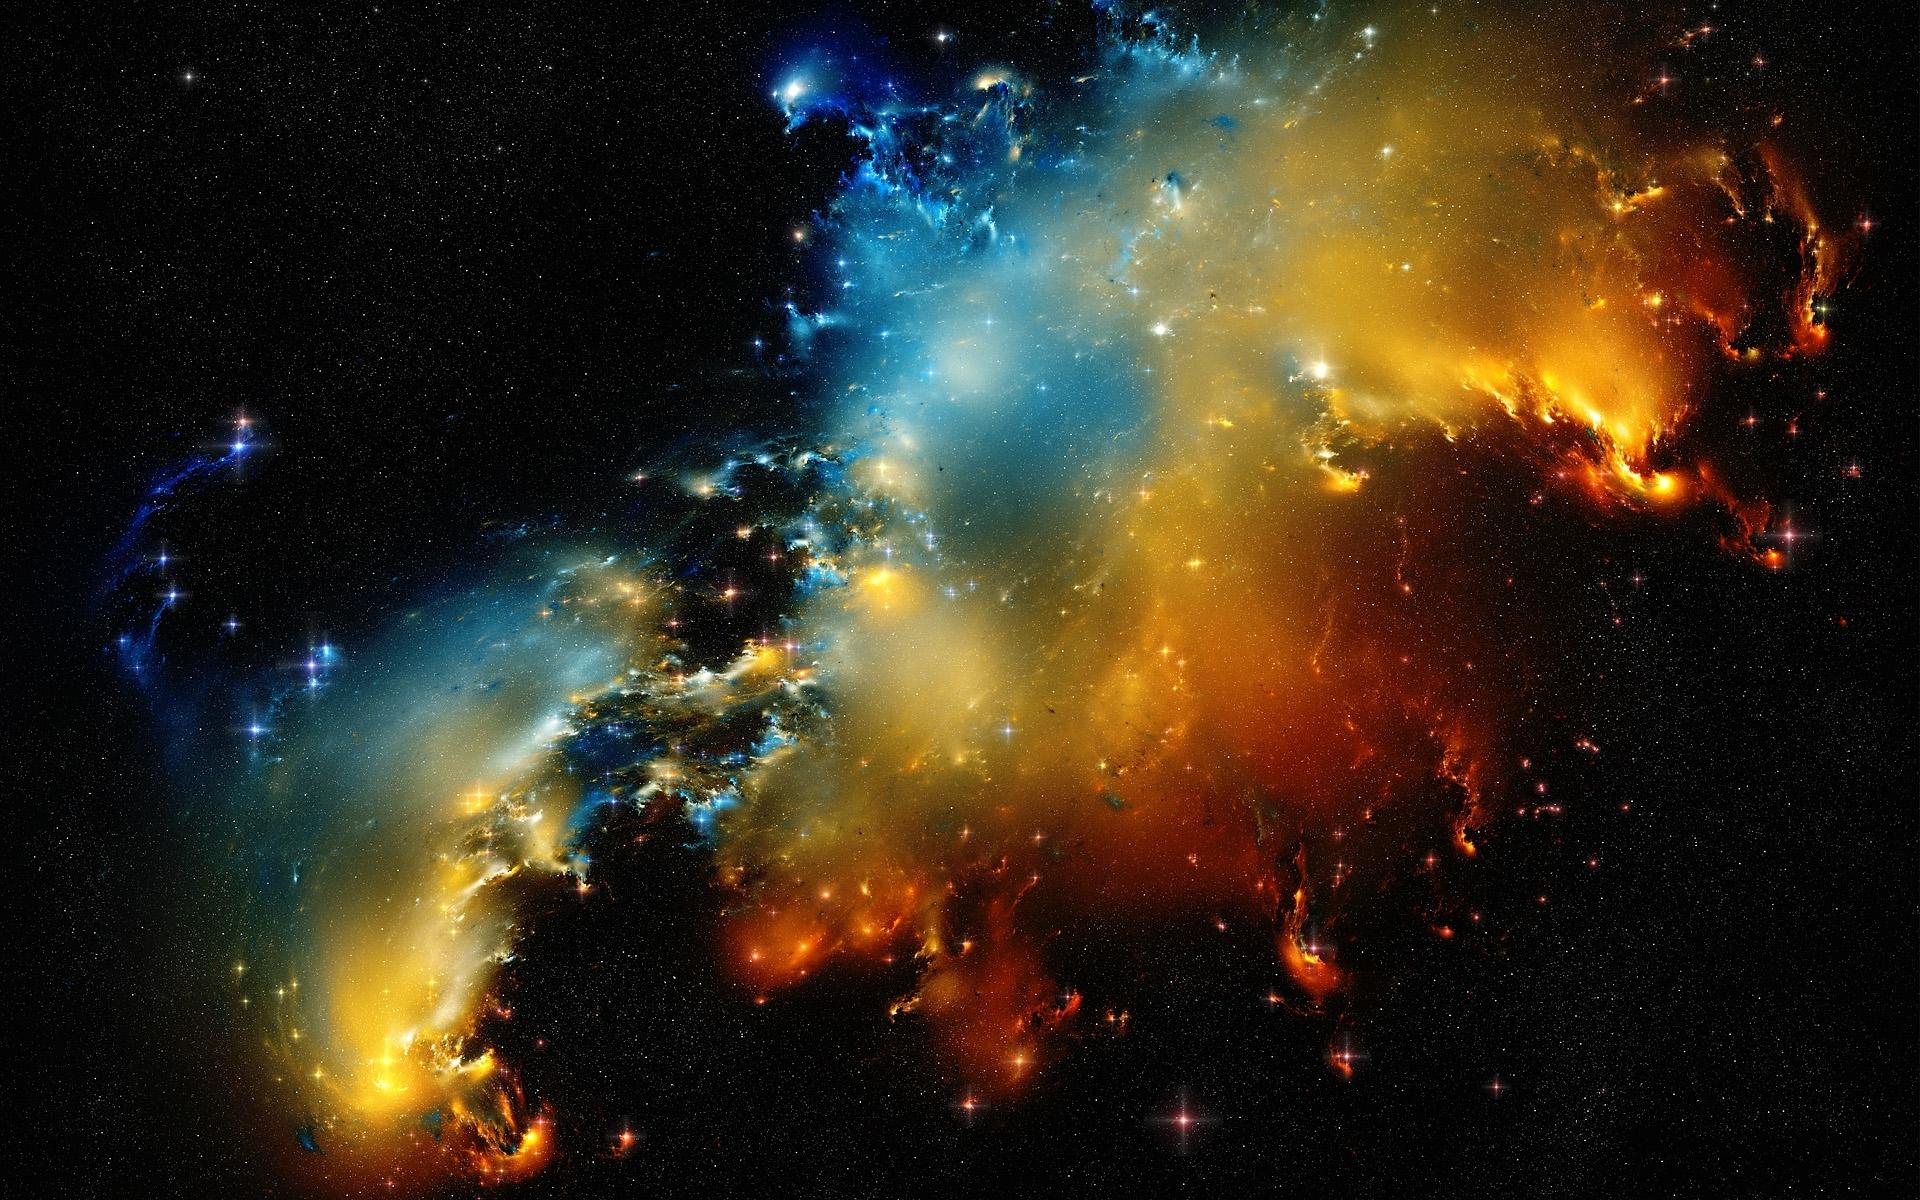 Обои Туманность со звездами картинки на рабочий стол на тему Космос - скачать скачать